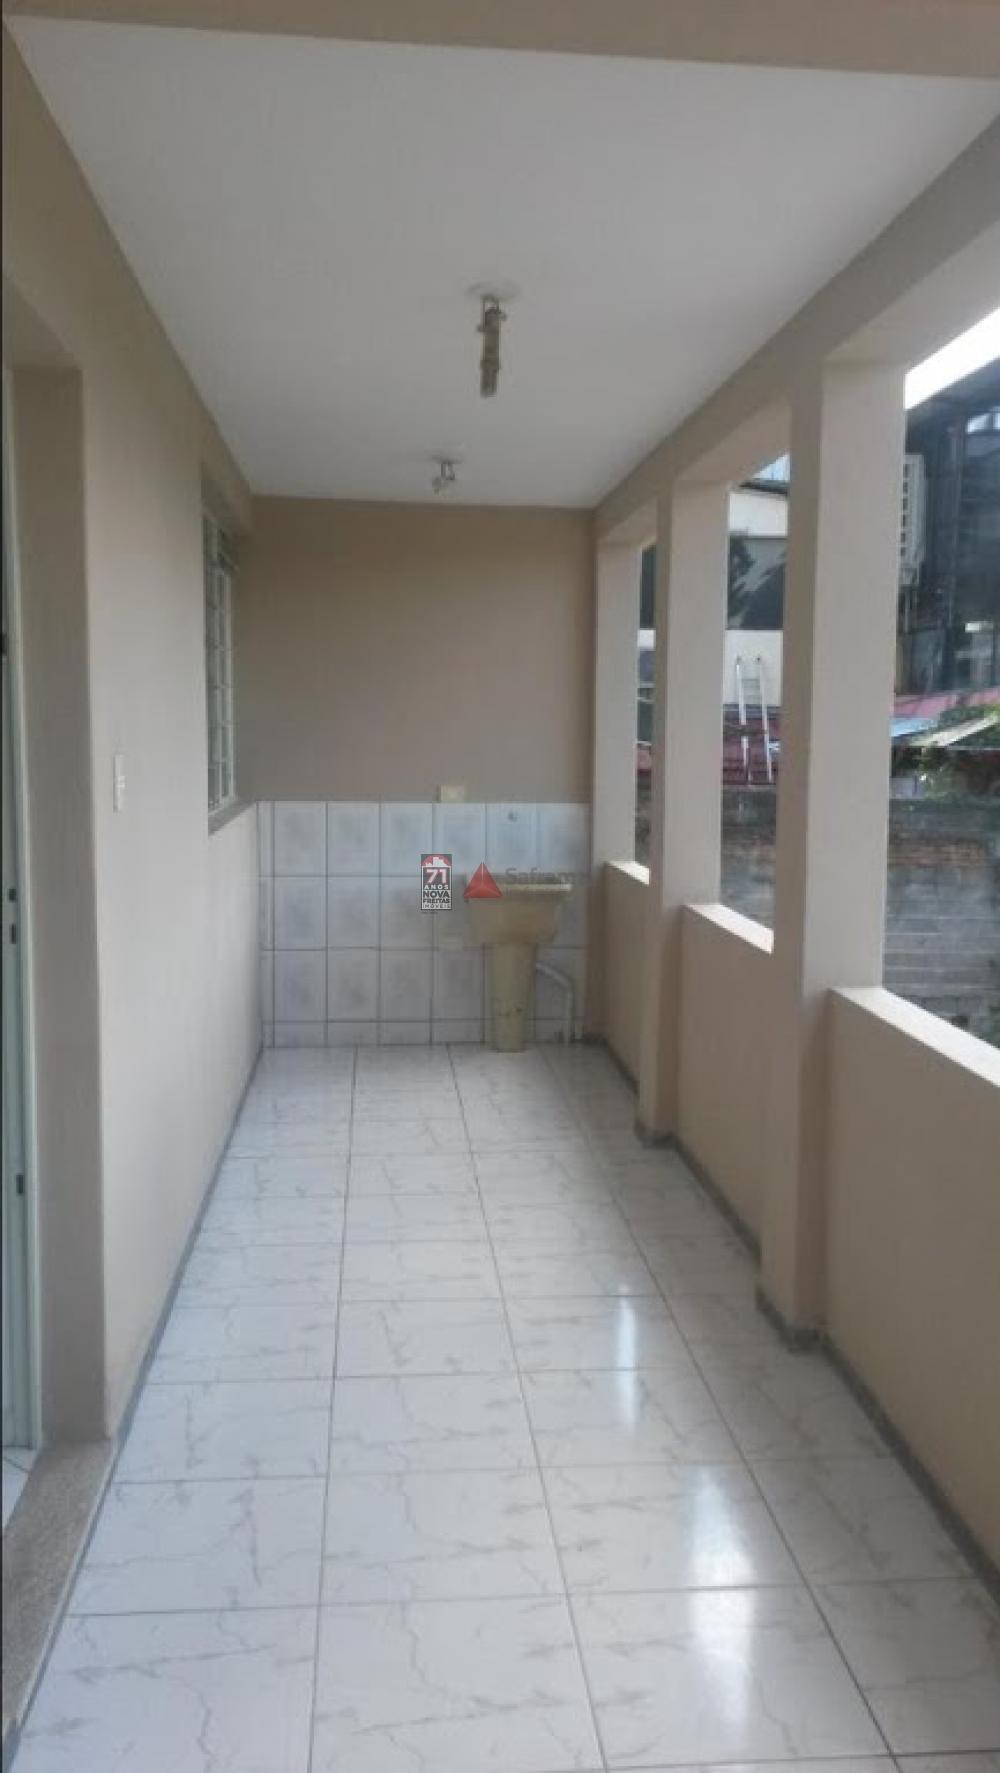 Alugar Comercial / Prédio em São José dos Campos R$ 7.000,00 - Foto 8